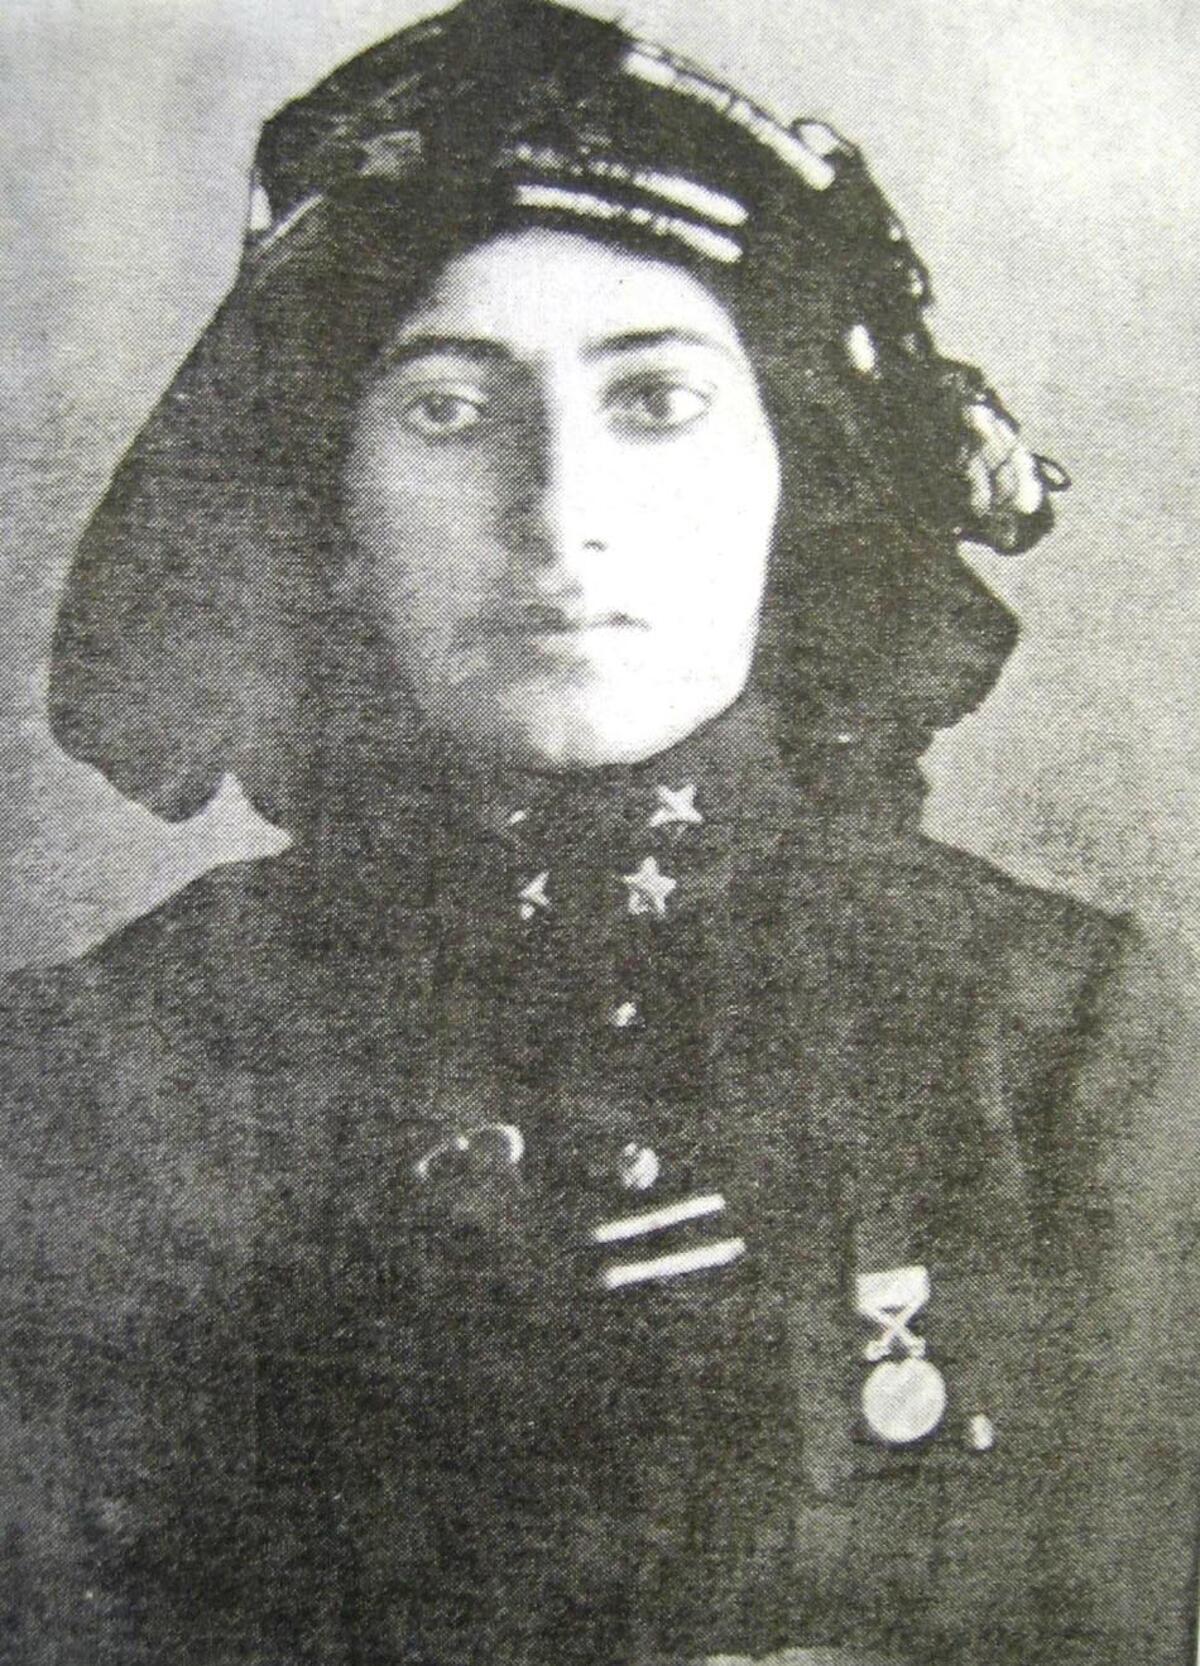 Kurtuluş Savaşı'nın kahraman kadın askeri: Kara Fatma